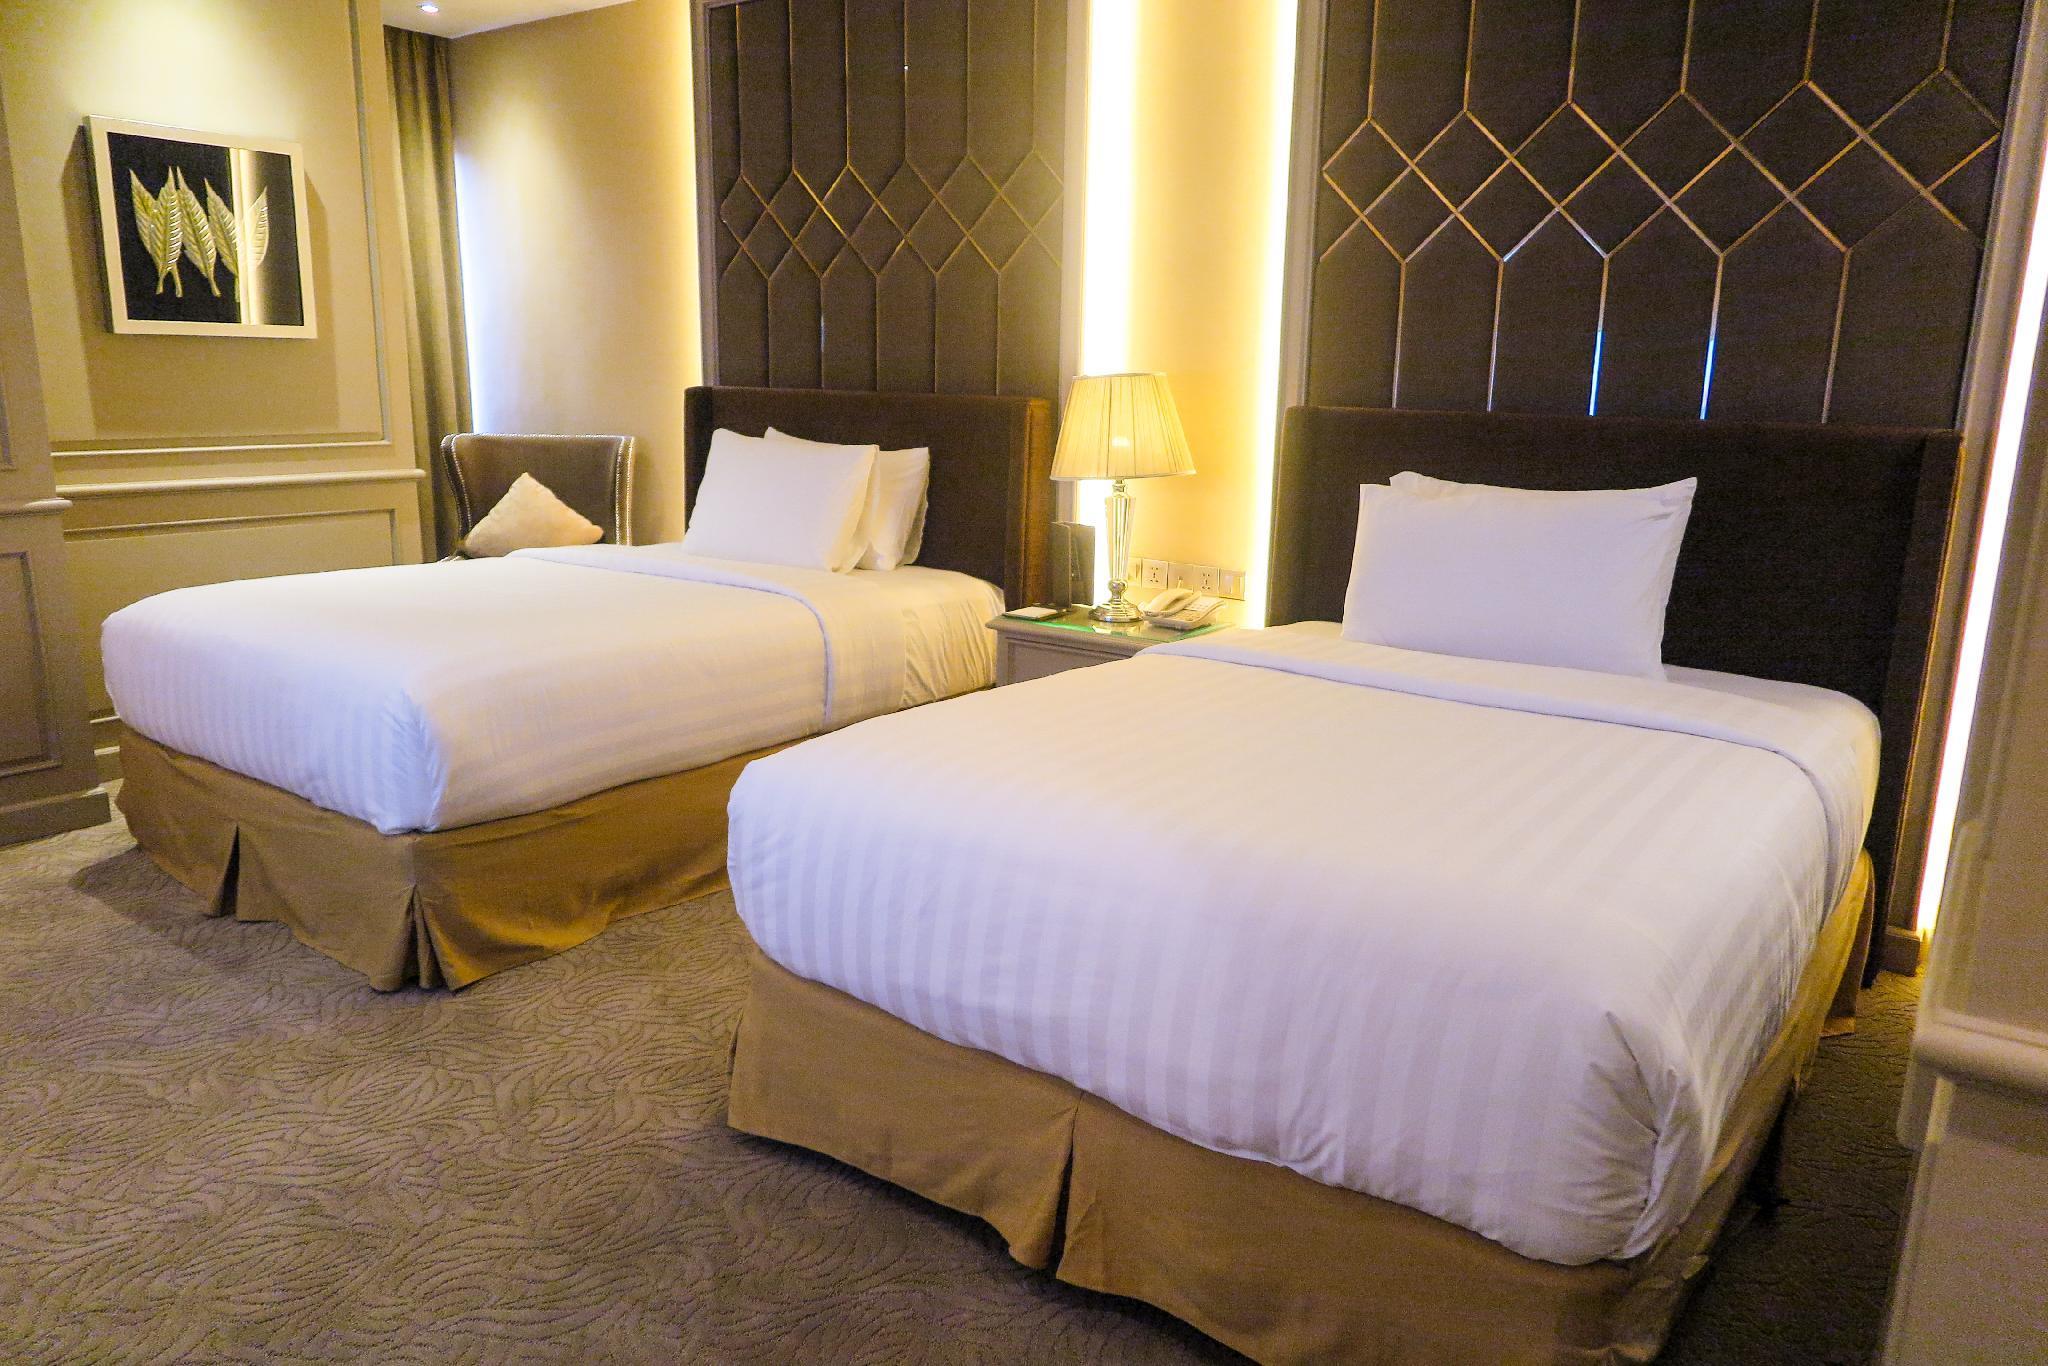 Belviu Hotel (Formerly Regata Hotel)